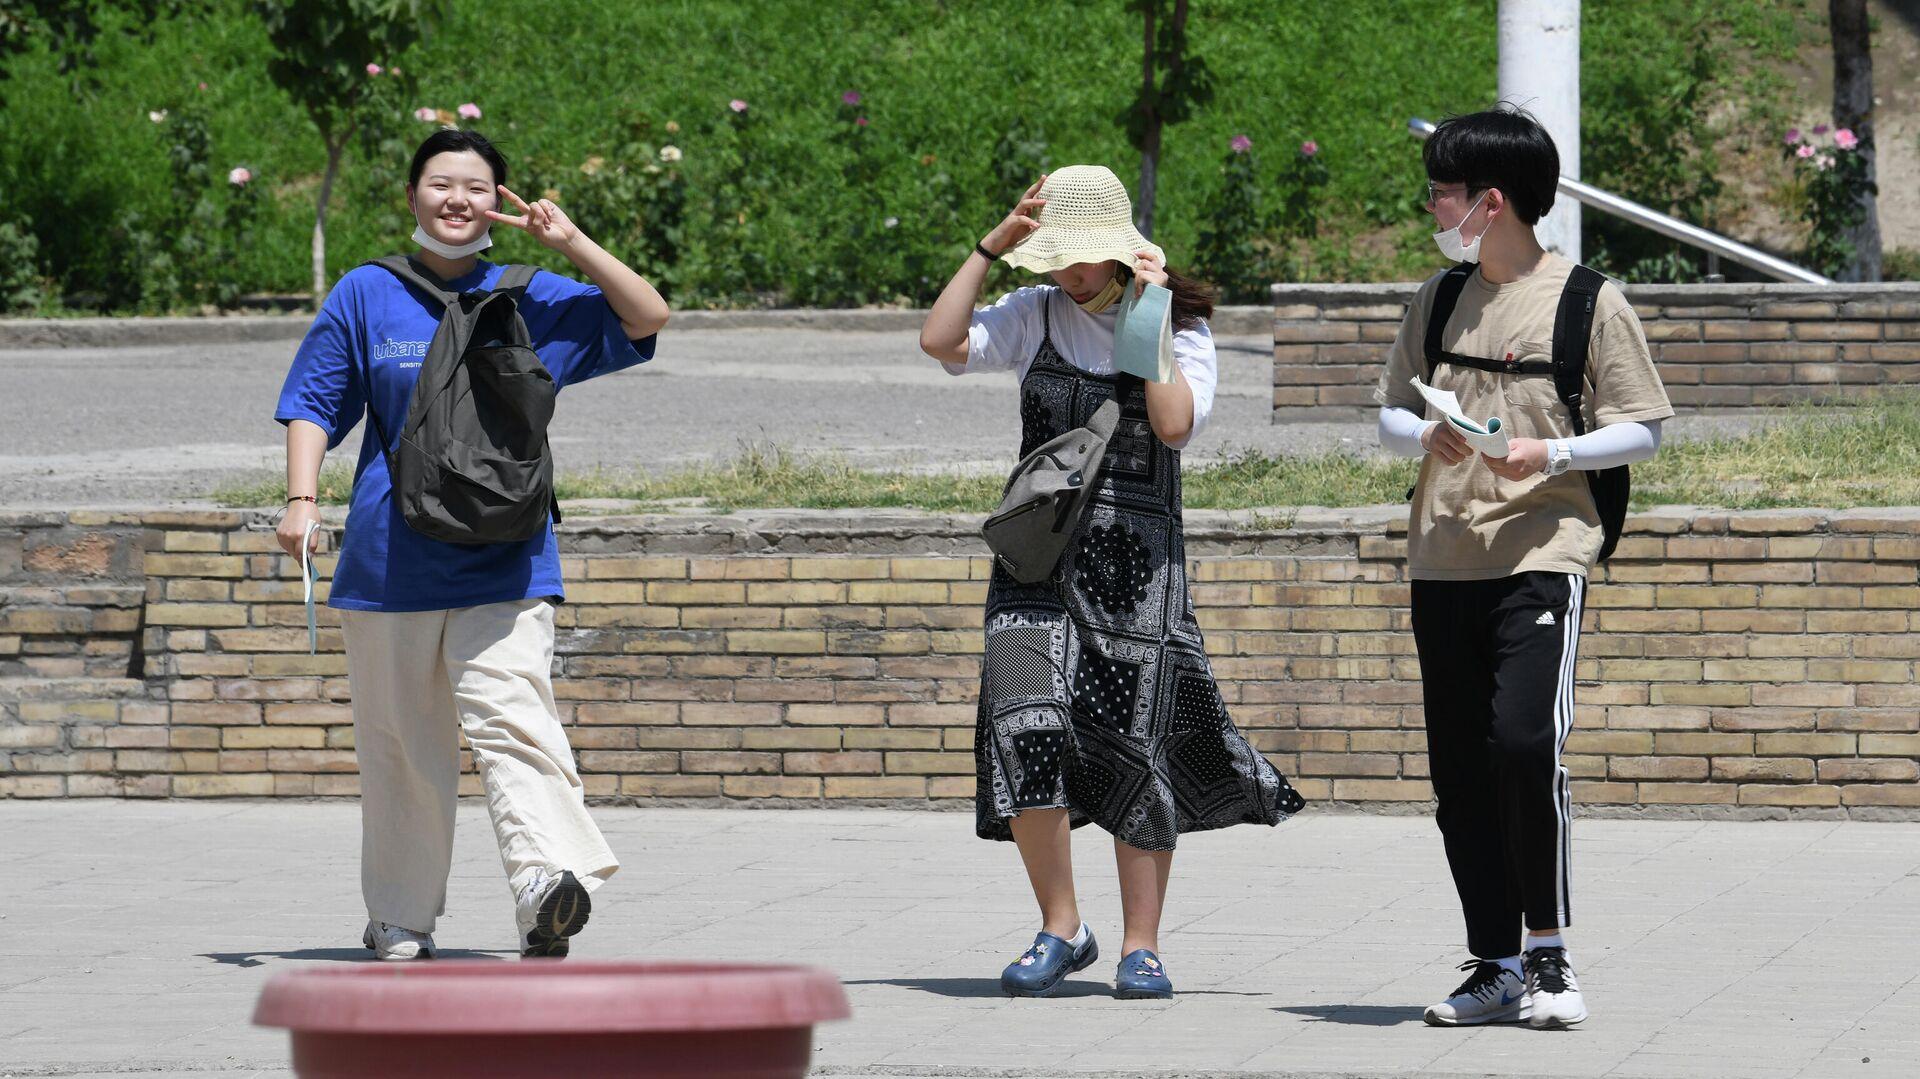 Корейский туристы в Ташкенте - Sputnik Узбекистан, 1920, 07.09.2021